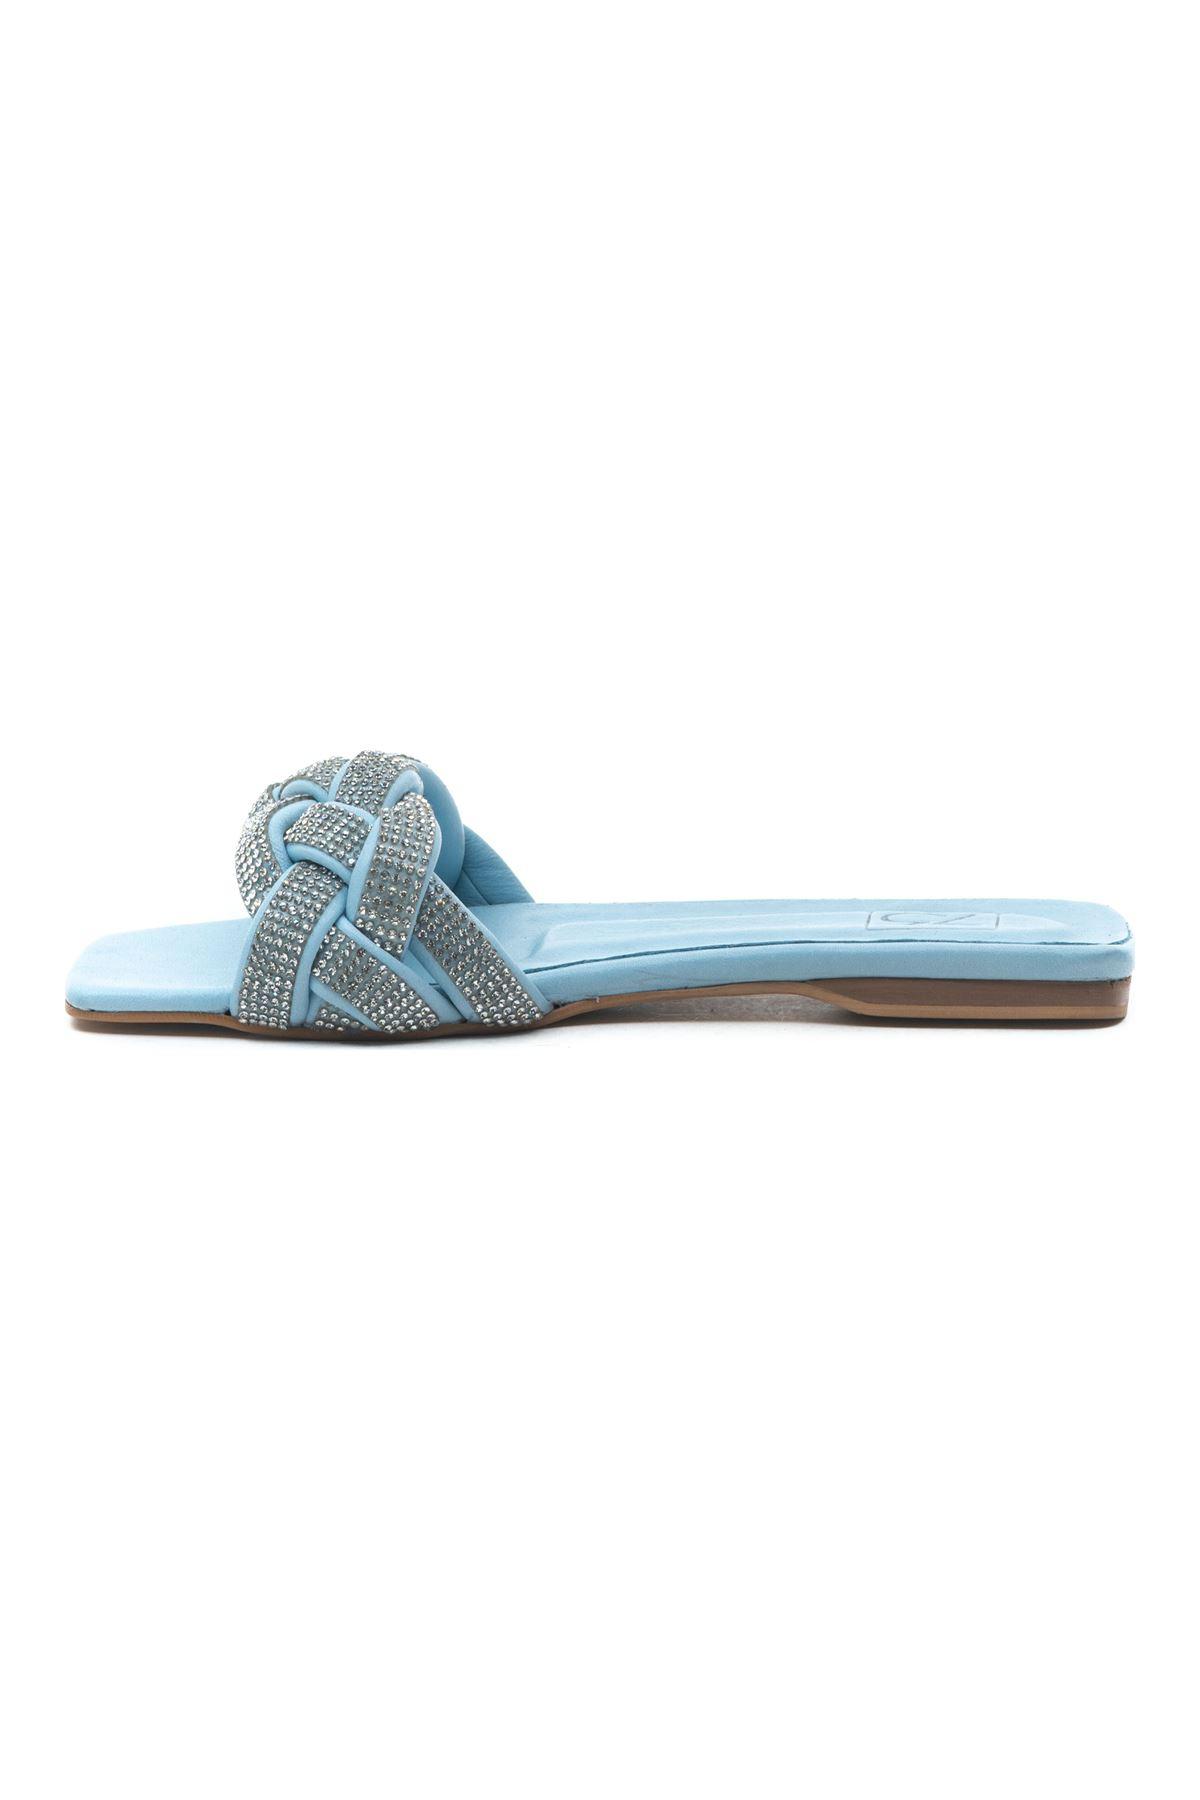 Crace Kadın Deri Terlik Bebe Mavi